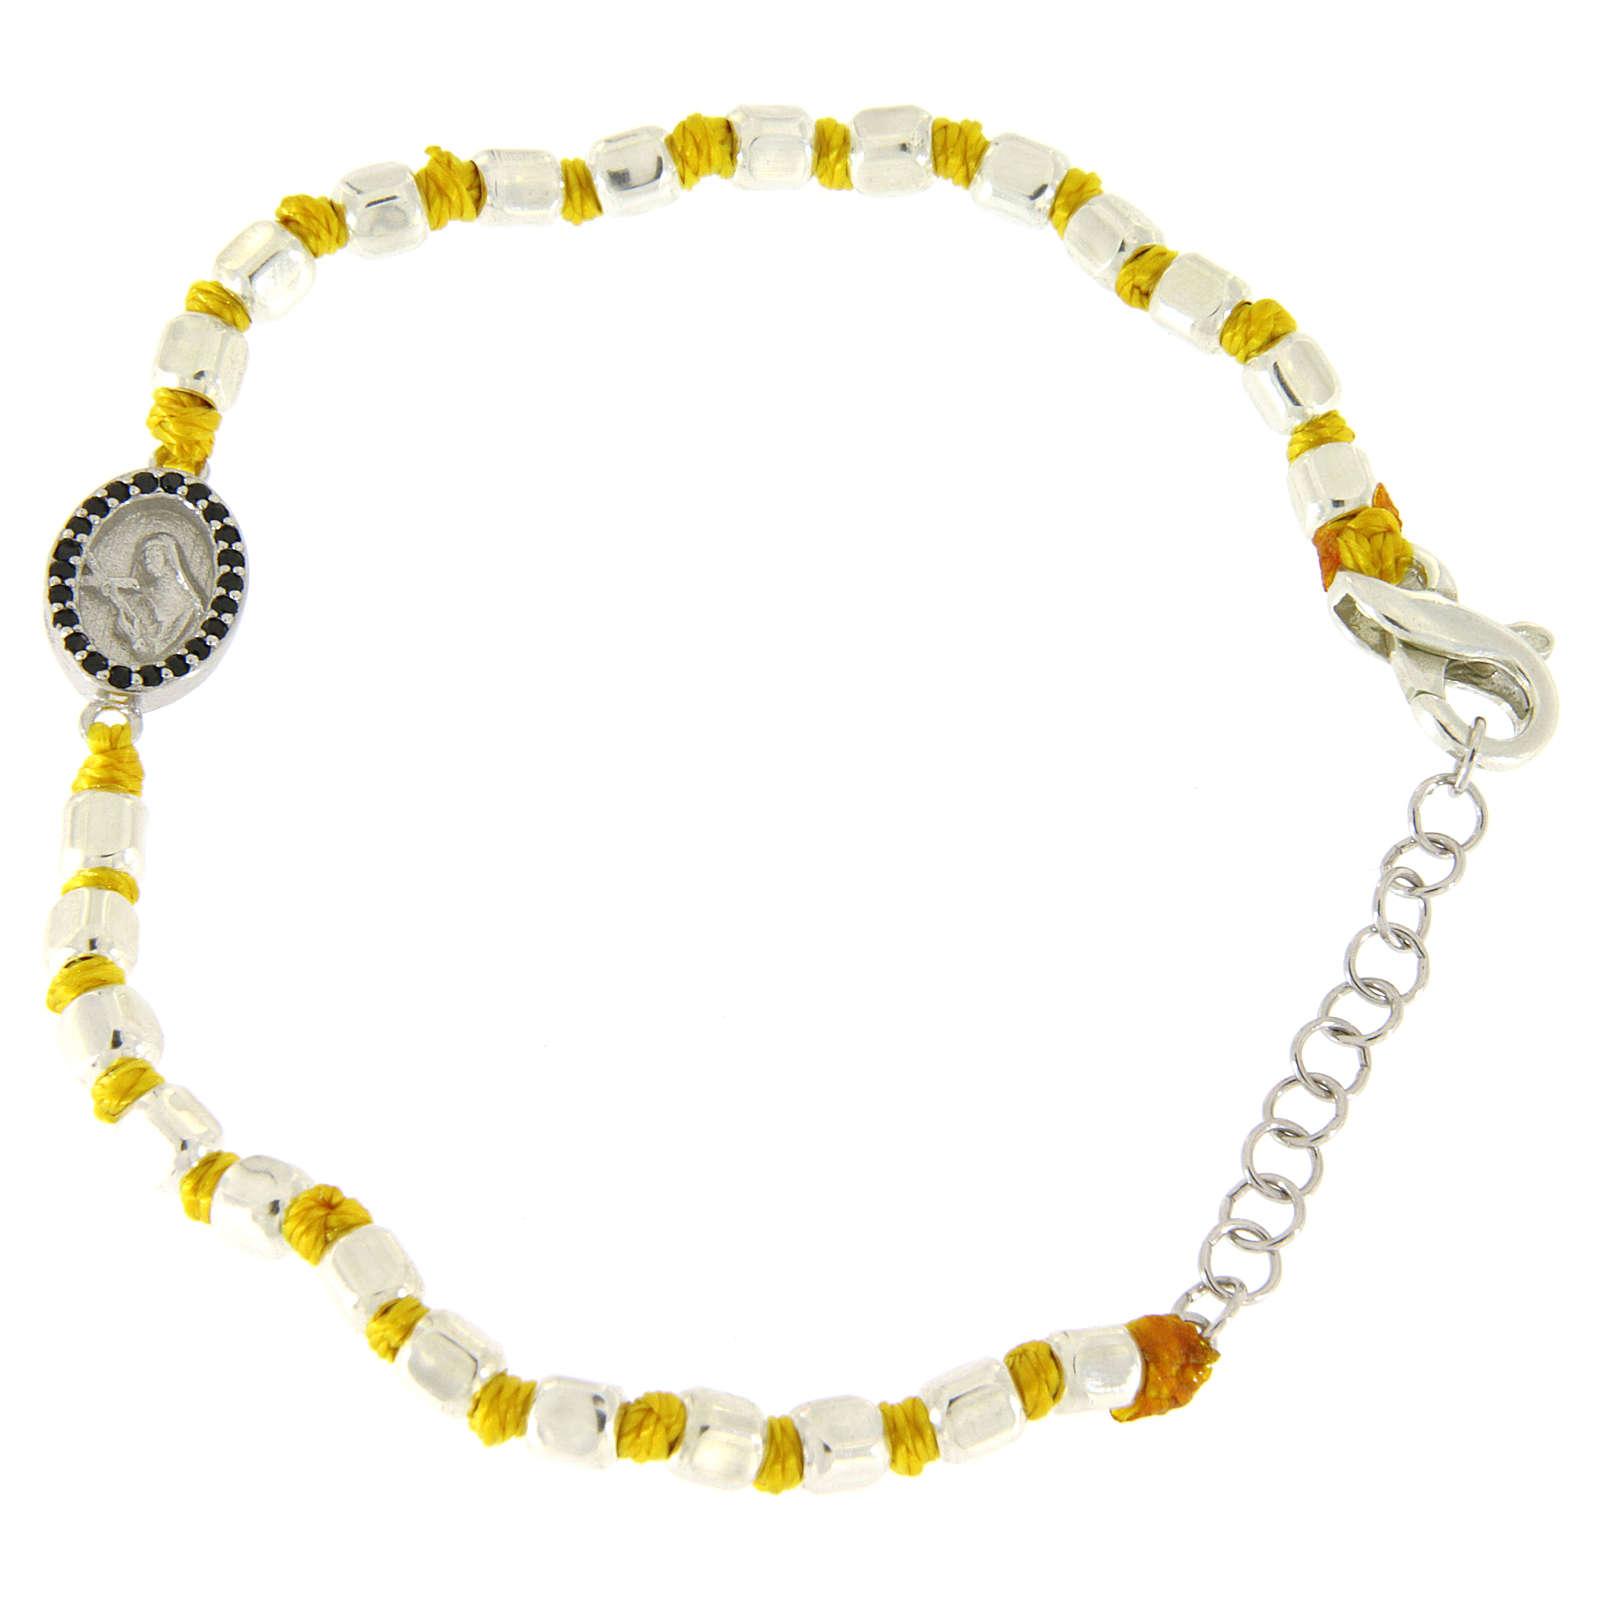 Pulsera esfera cúbica plata 2 mm, pequeña medalla zircones negros S. Rita, cuerda amarilla con nudo 4